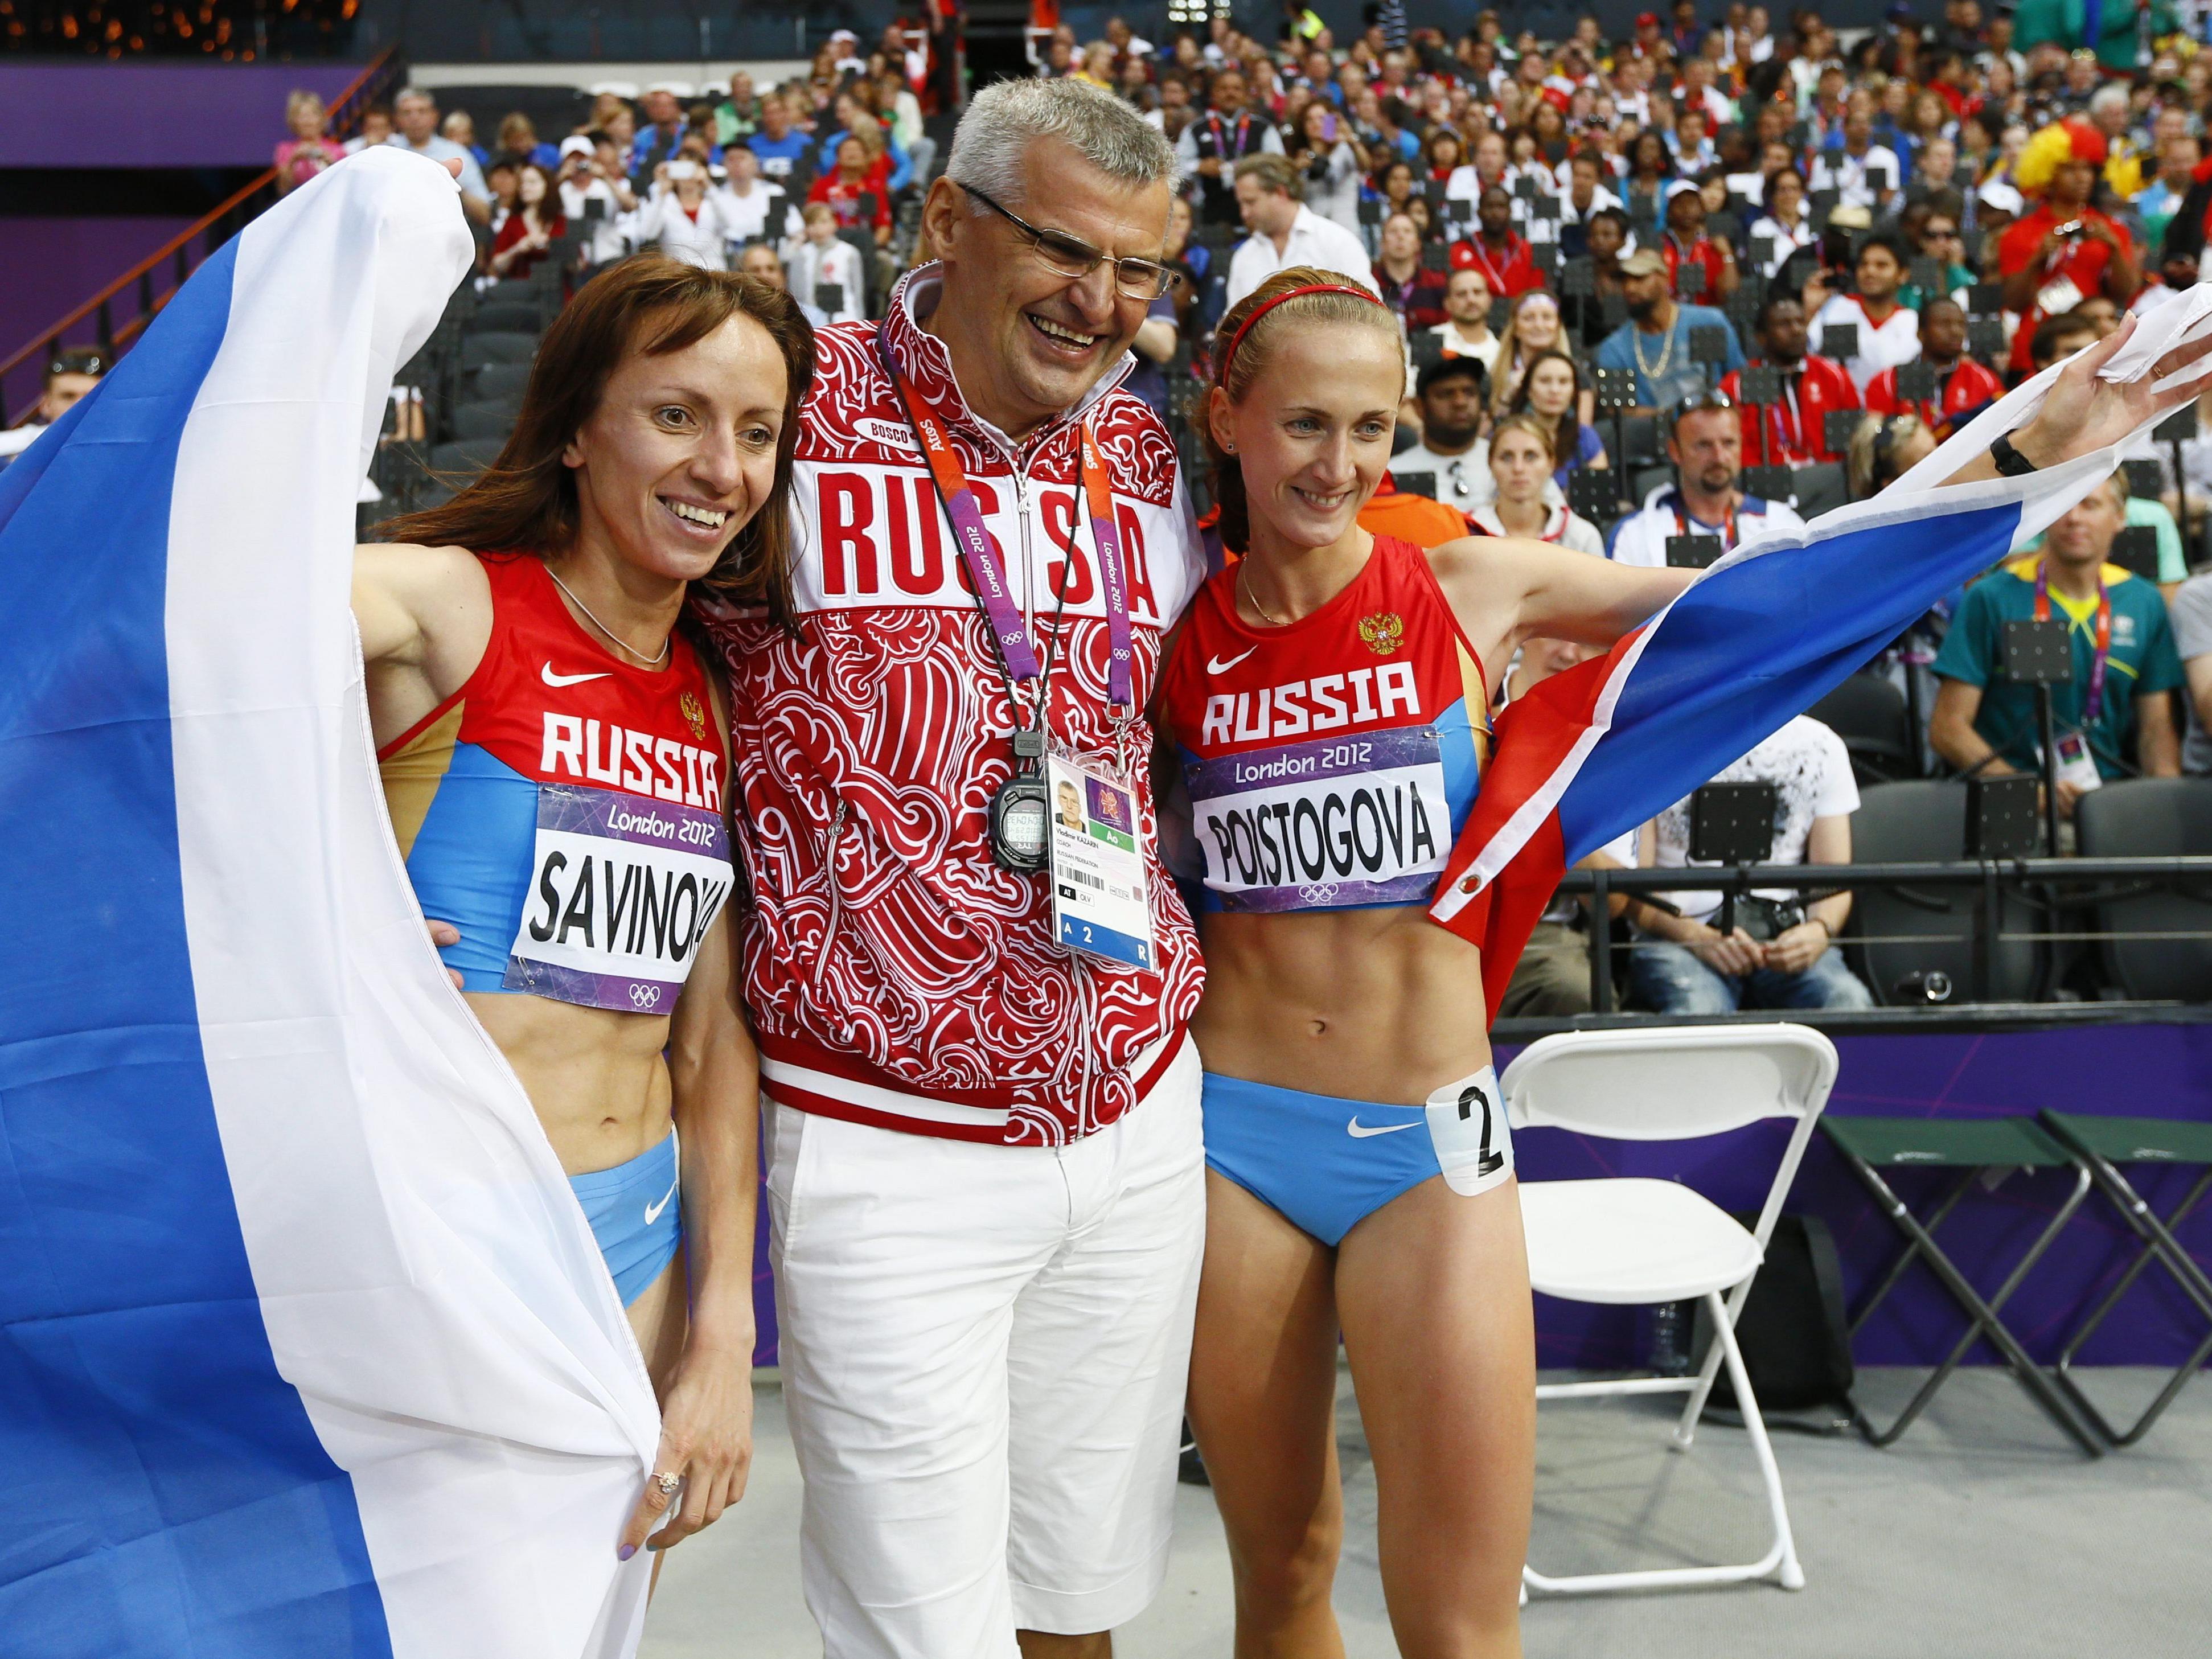 Mariya Savinova (l.) und Ekaterina Poistogova feiern Olympia-Gold und -Bronze über 200 Meter in london 2012. Beide könnten jetzt lebenslang gesperrt werden.